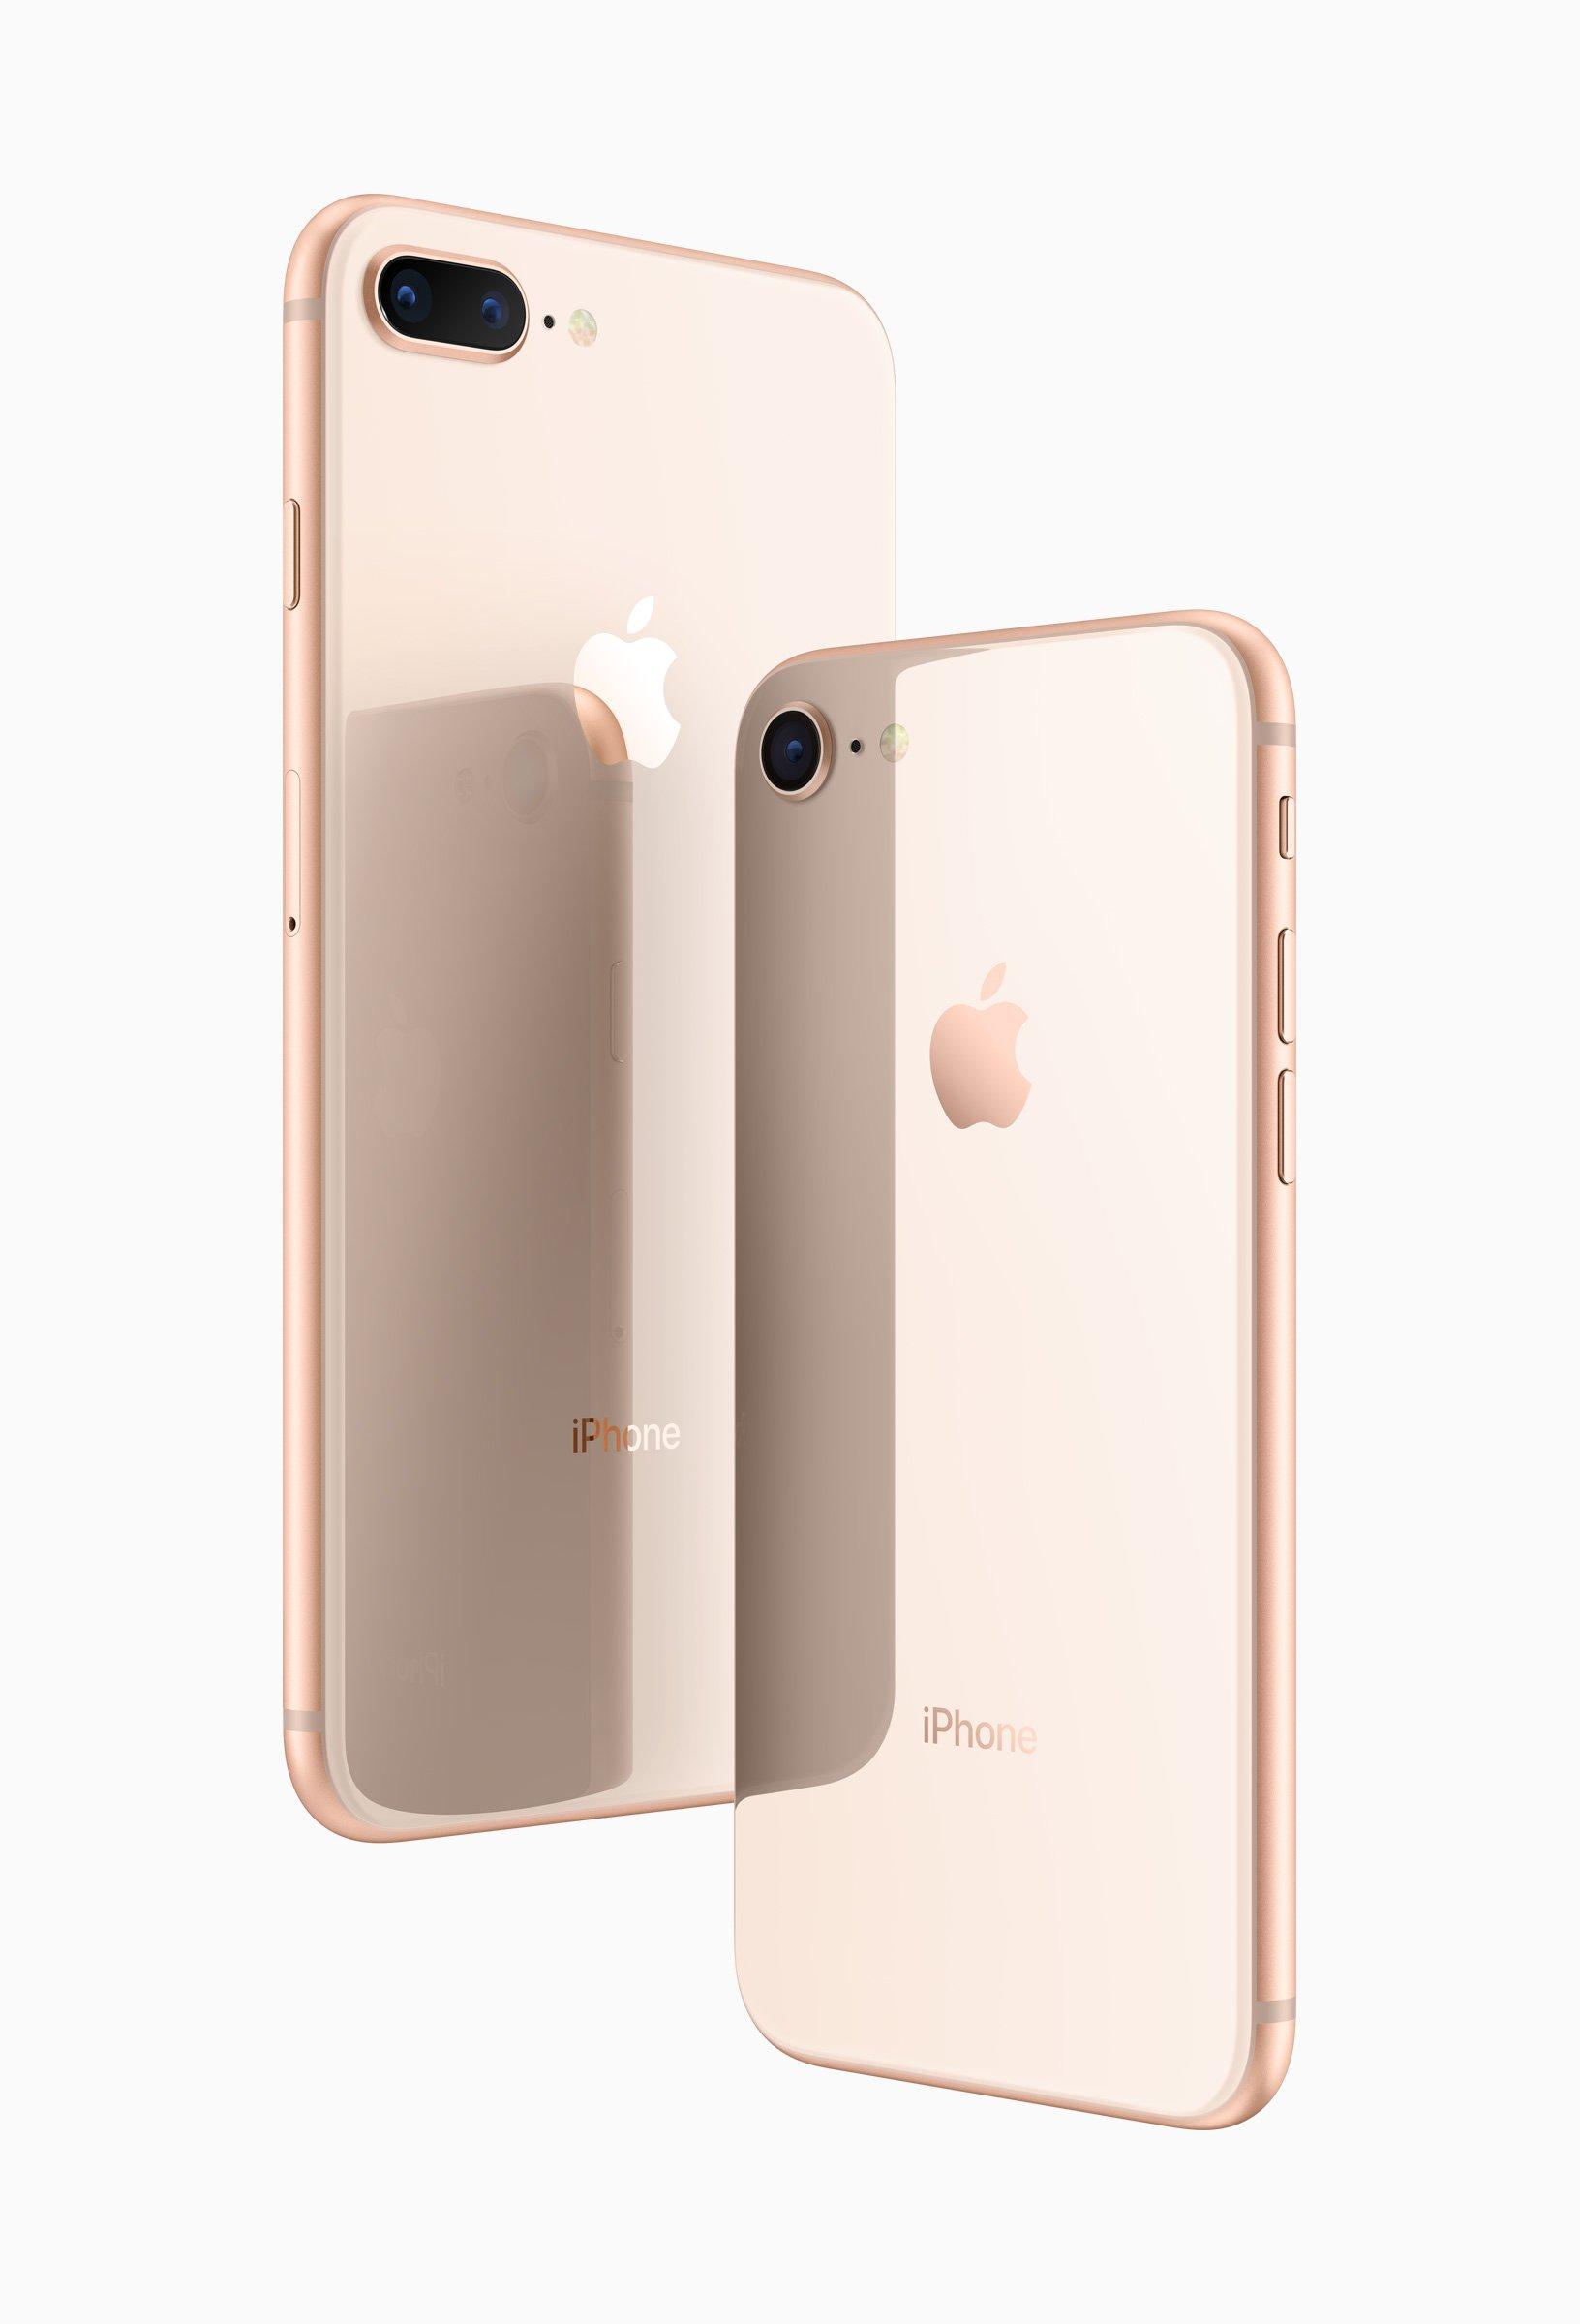 iphone 8 va iphone 8 plus mat truoc sau - Apple iPhone 8 và iPhone 8 Plus tất cả những điều bạn muốn biết ở đây